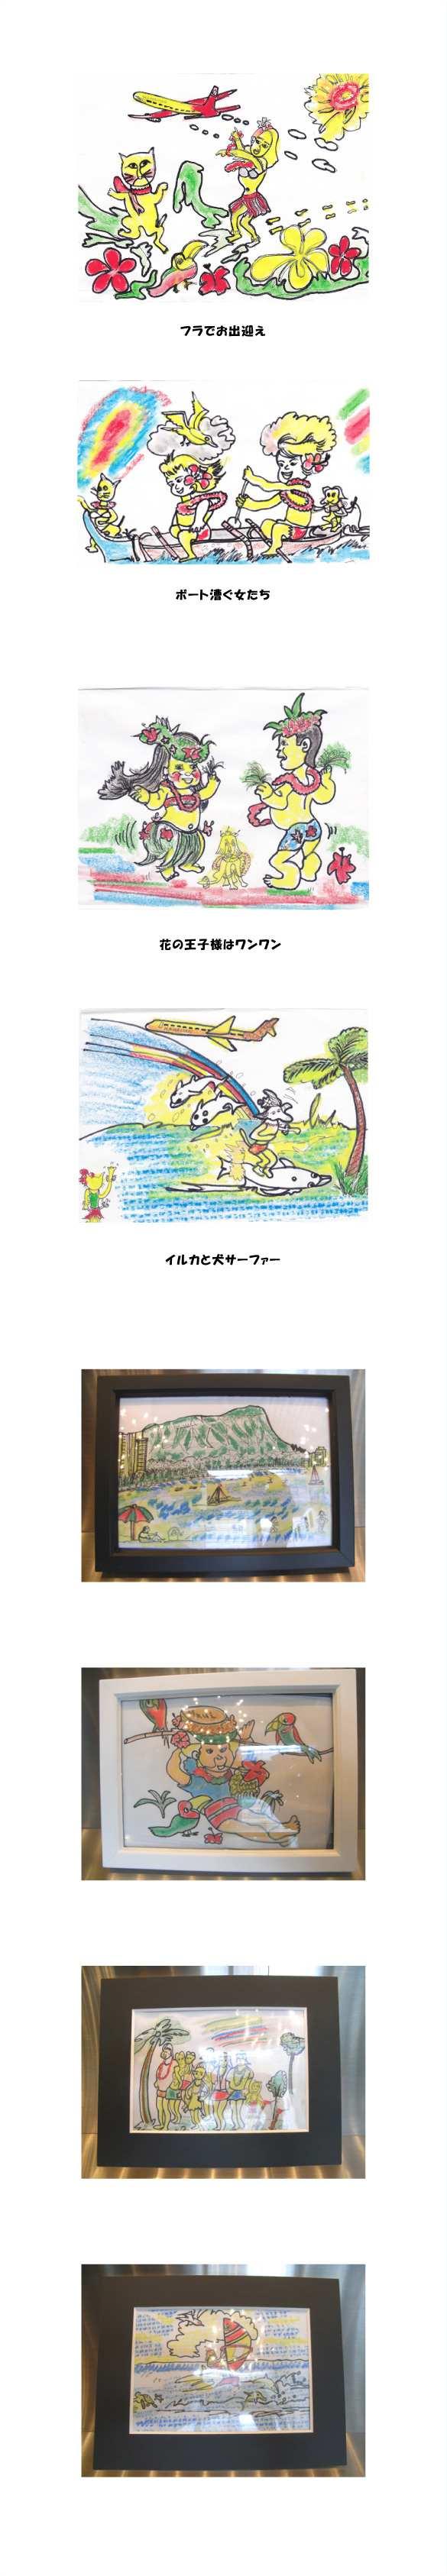 岩重慶一さんのキットパスで描く作品展第3弾「ブルーハワイスケッチ展」開催             (2012年5月7日〜6月)